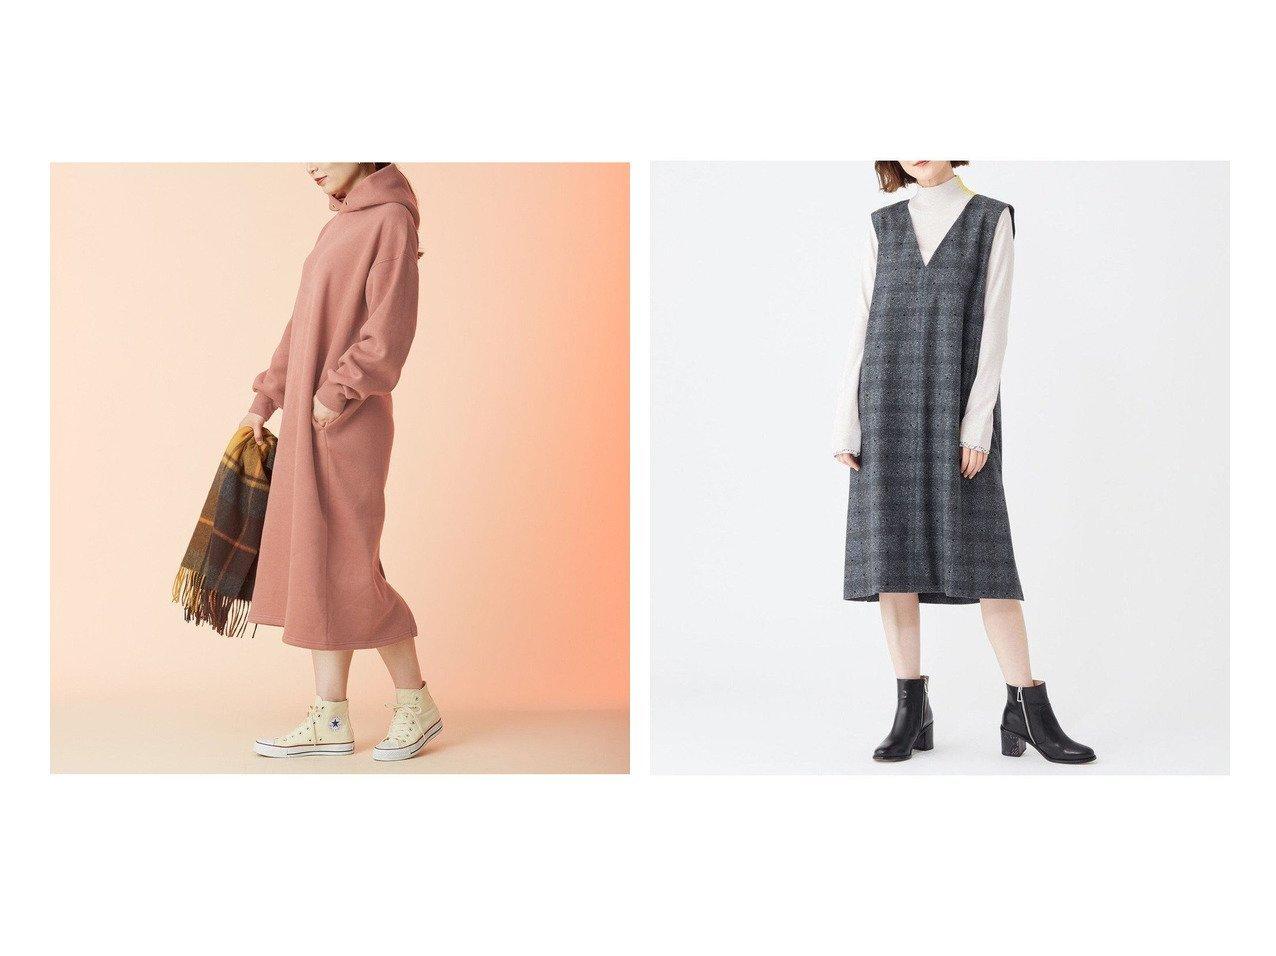 【any FAM/エニィファム】の柔らかウォームスウェット ワンピース&【Paul Smith/ポール スミス】のフロックオンチェック ワンピース 【ワンピース・ドレス】おすすめ!人気、トレンド・レディースファッションの通販 おすすめで人気の流行・トレンド、ファッションの通販商品 インテリア・家具・メンズファッション・キッズファッション・レディースファッション・服の通販 founy(ファニー) https://founy.com/ ファッション Fashion レディースファッション WOMEN ワンピース Dress 送料無料 Free Shipping イタリア インナー シンプル スリット チェック ツィード ドット ドレス ネップ メランジ お家時間・ステイホーム Home Time/Stay Home スウェット ポケット マキシ 楽ちん |ID:crp329100000071503